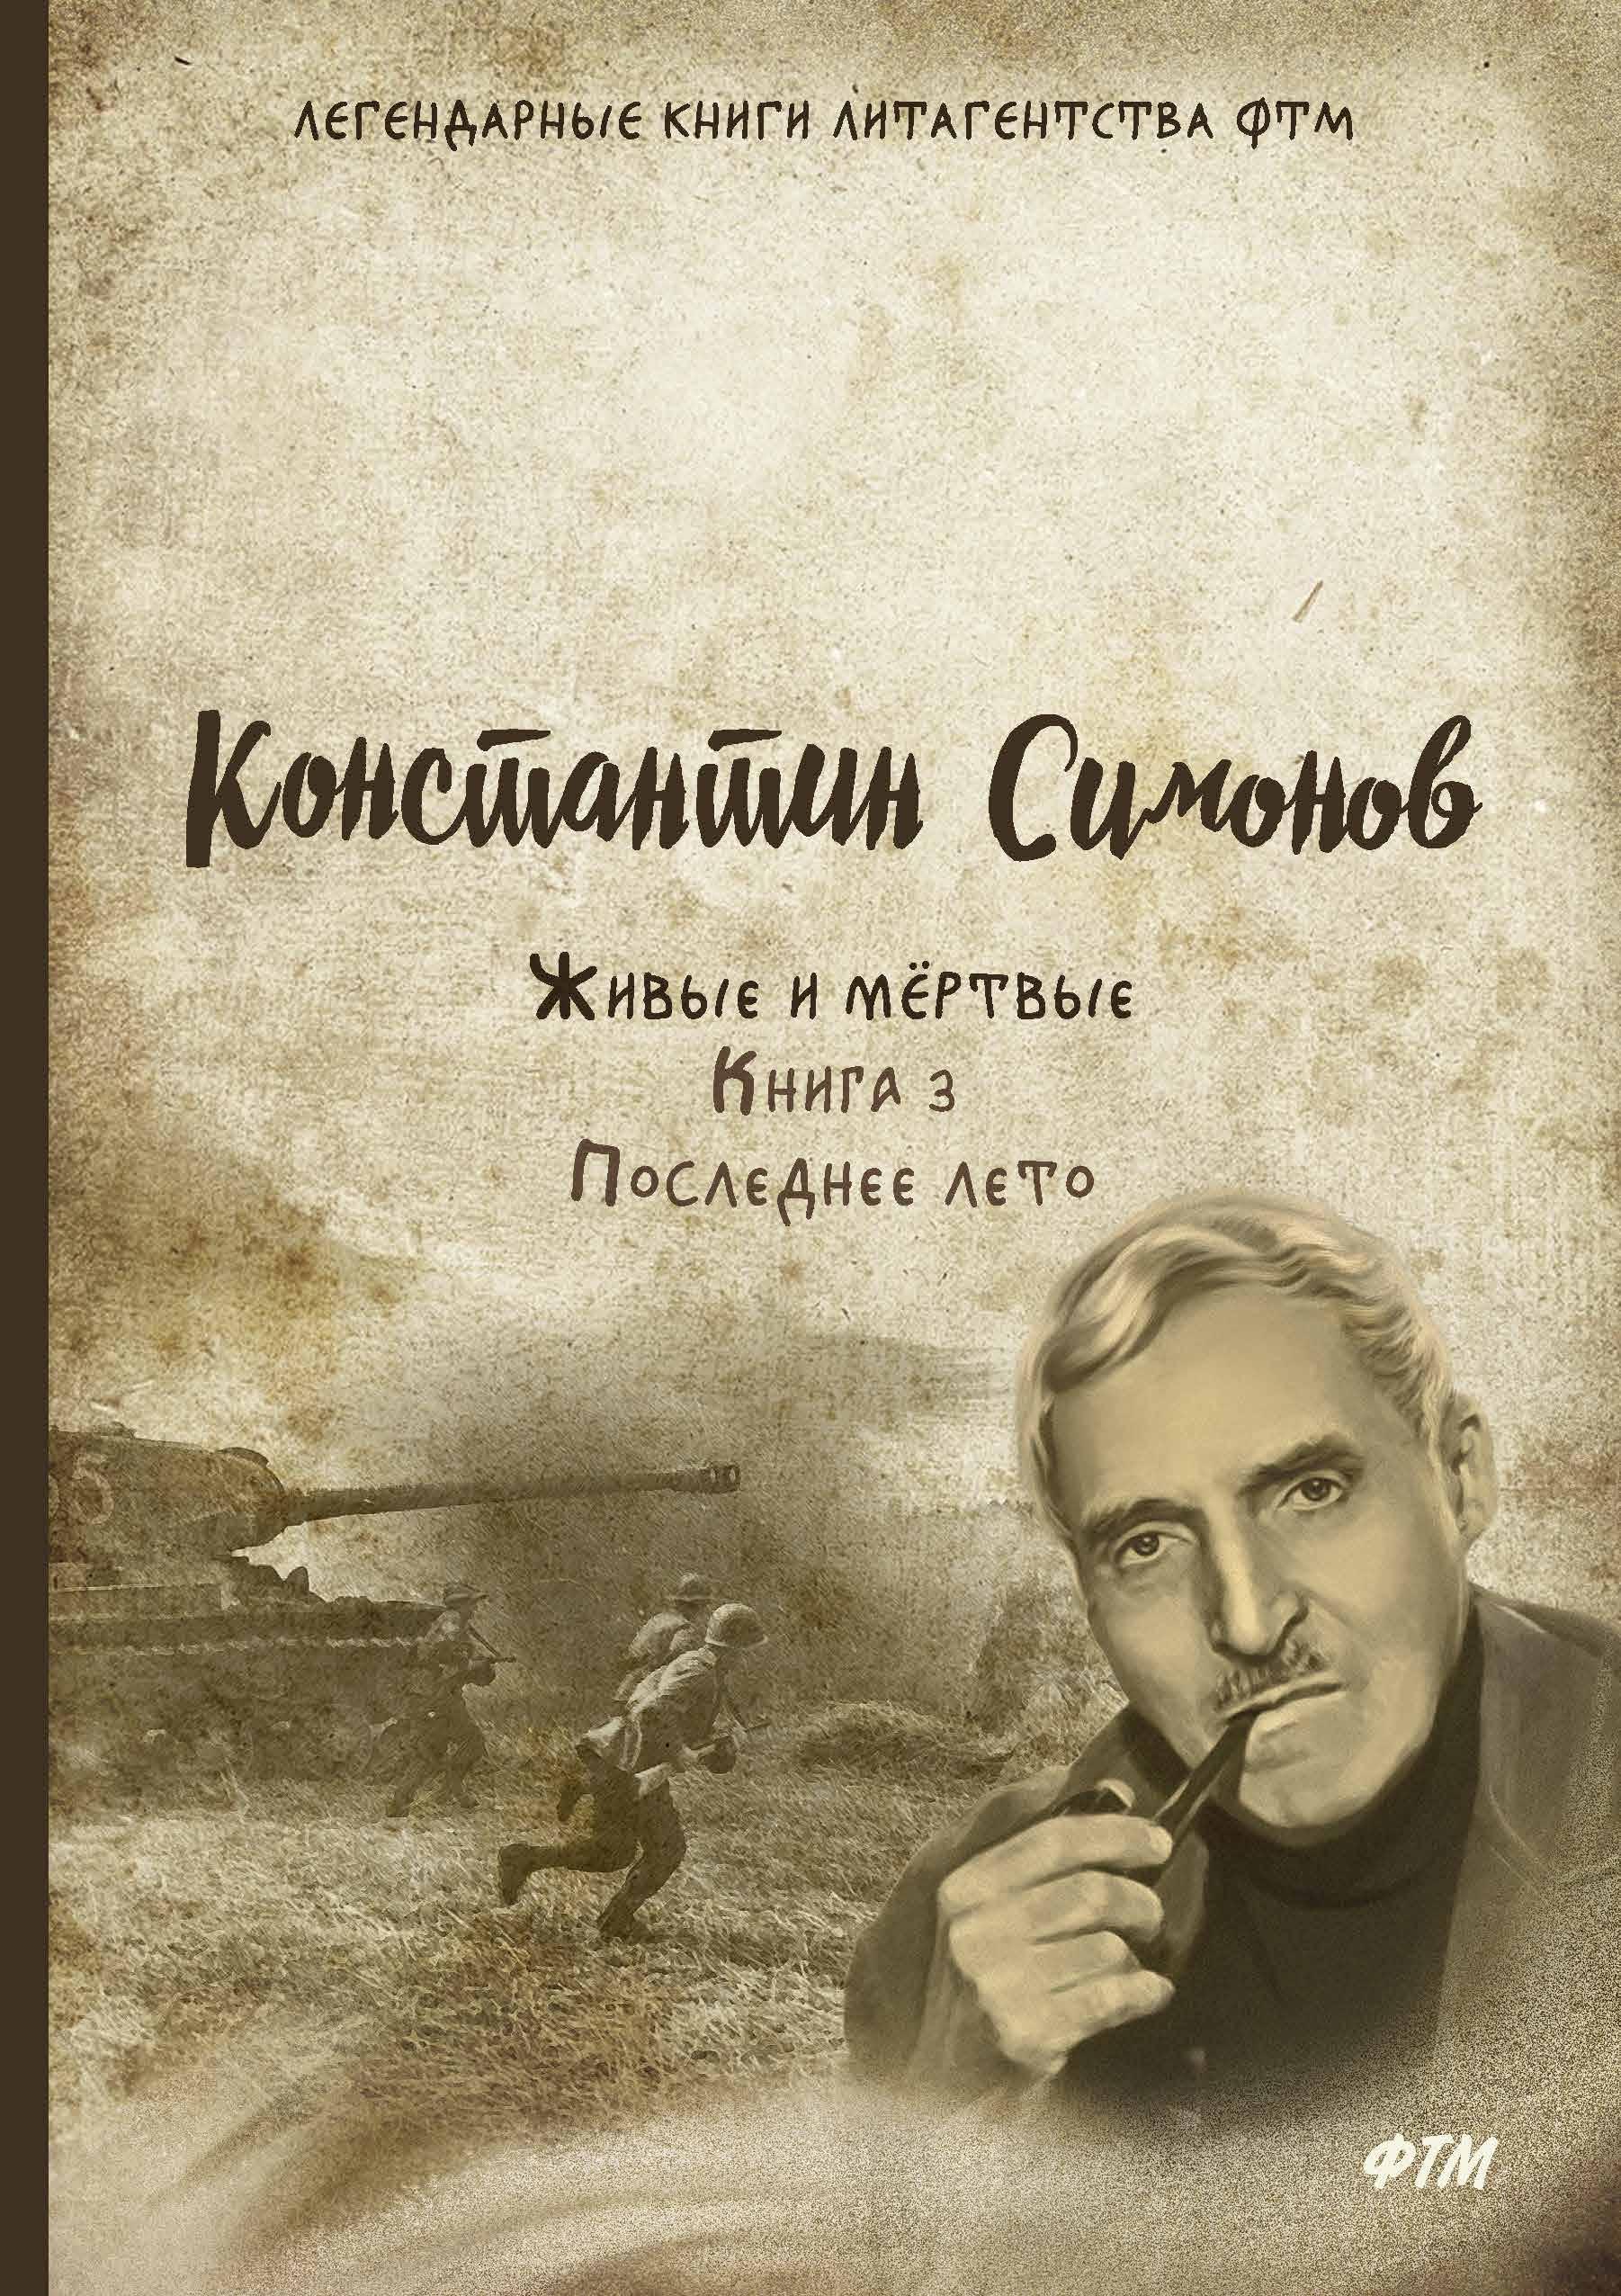 Константин Симоно и мёртые. Книга 3. Последнее лето